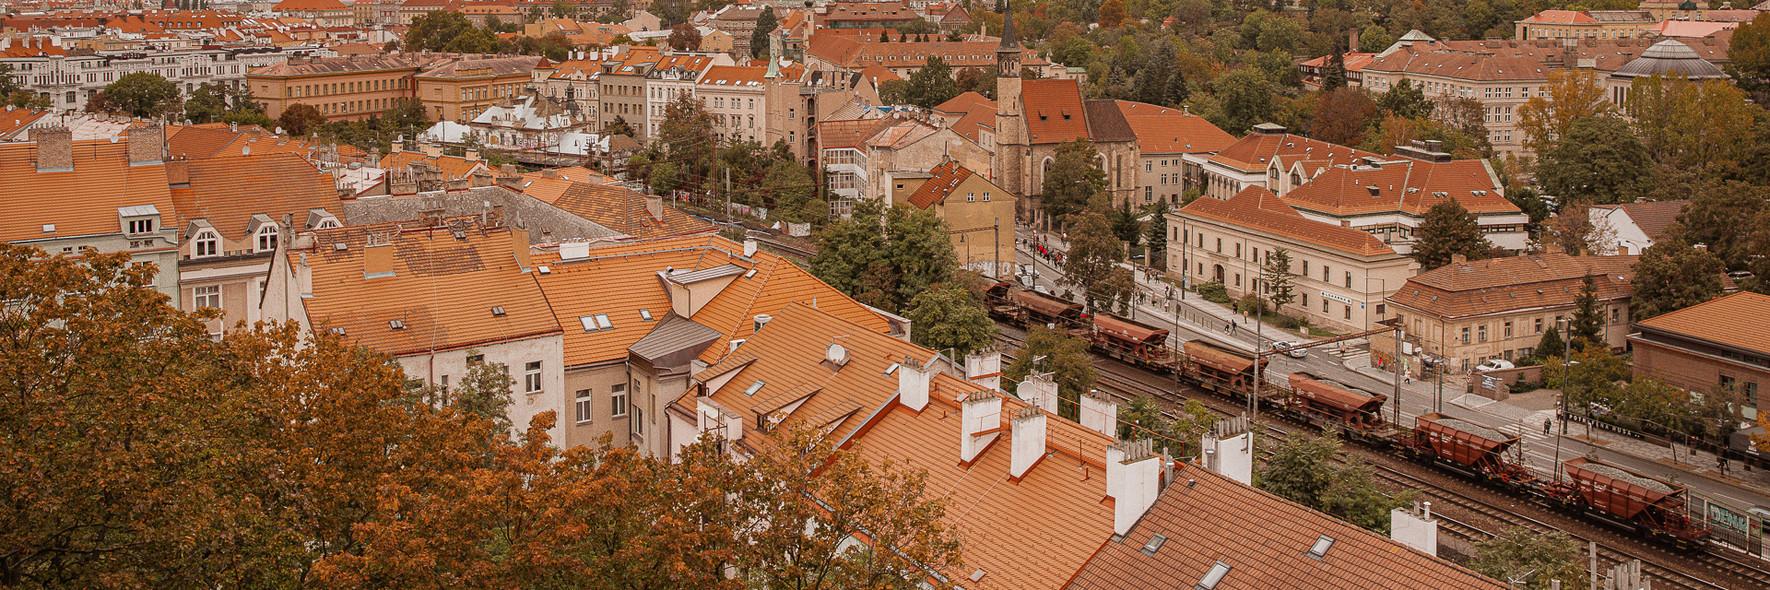 TKPA-Praha201910-0180-HDWH.jpg